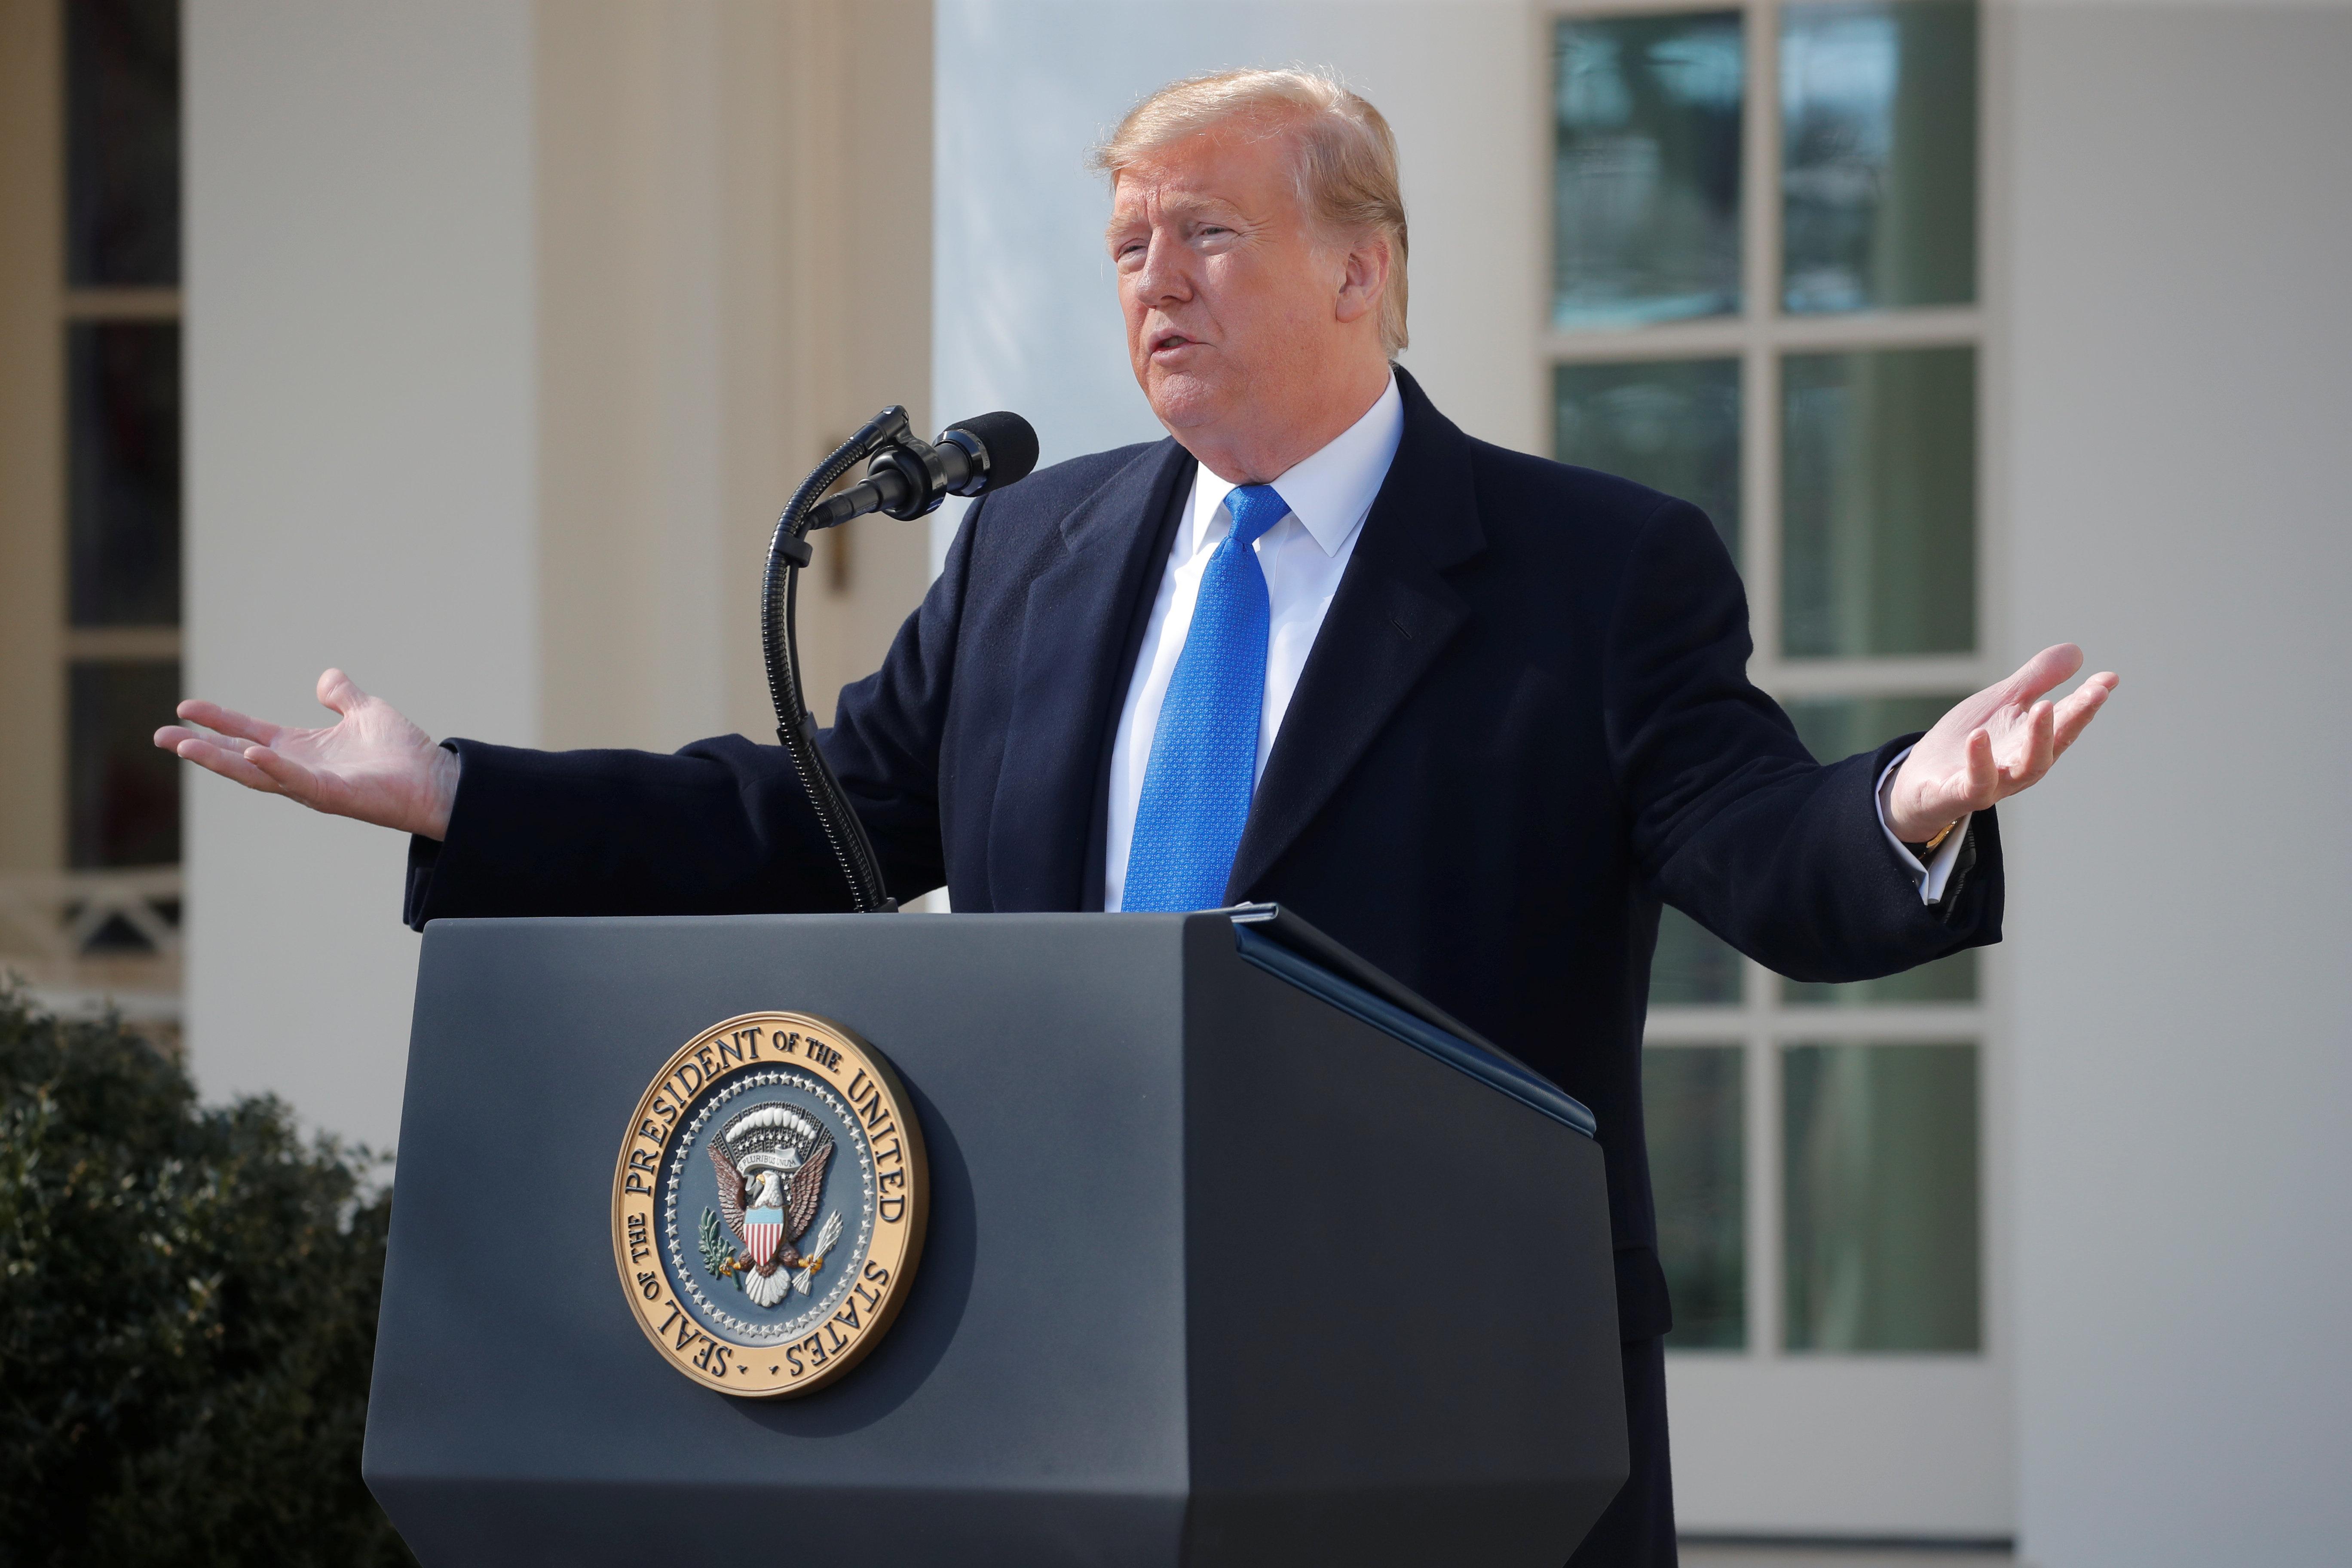 États-Unis: Comment la loi budgétaire 2019 conforte la position marocaine sur le